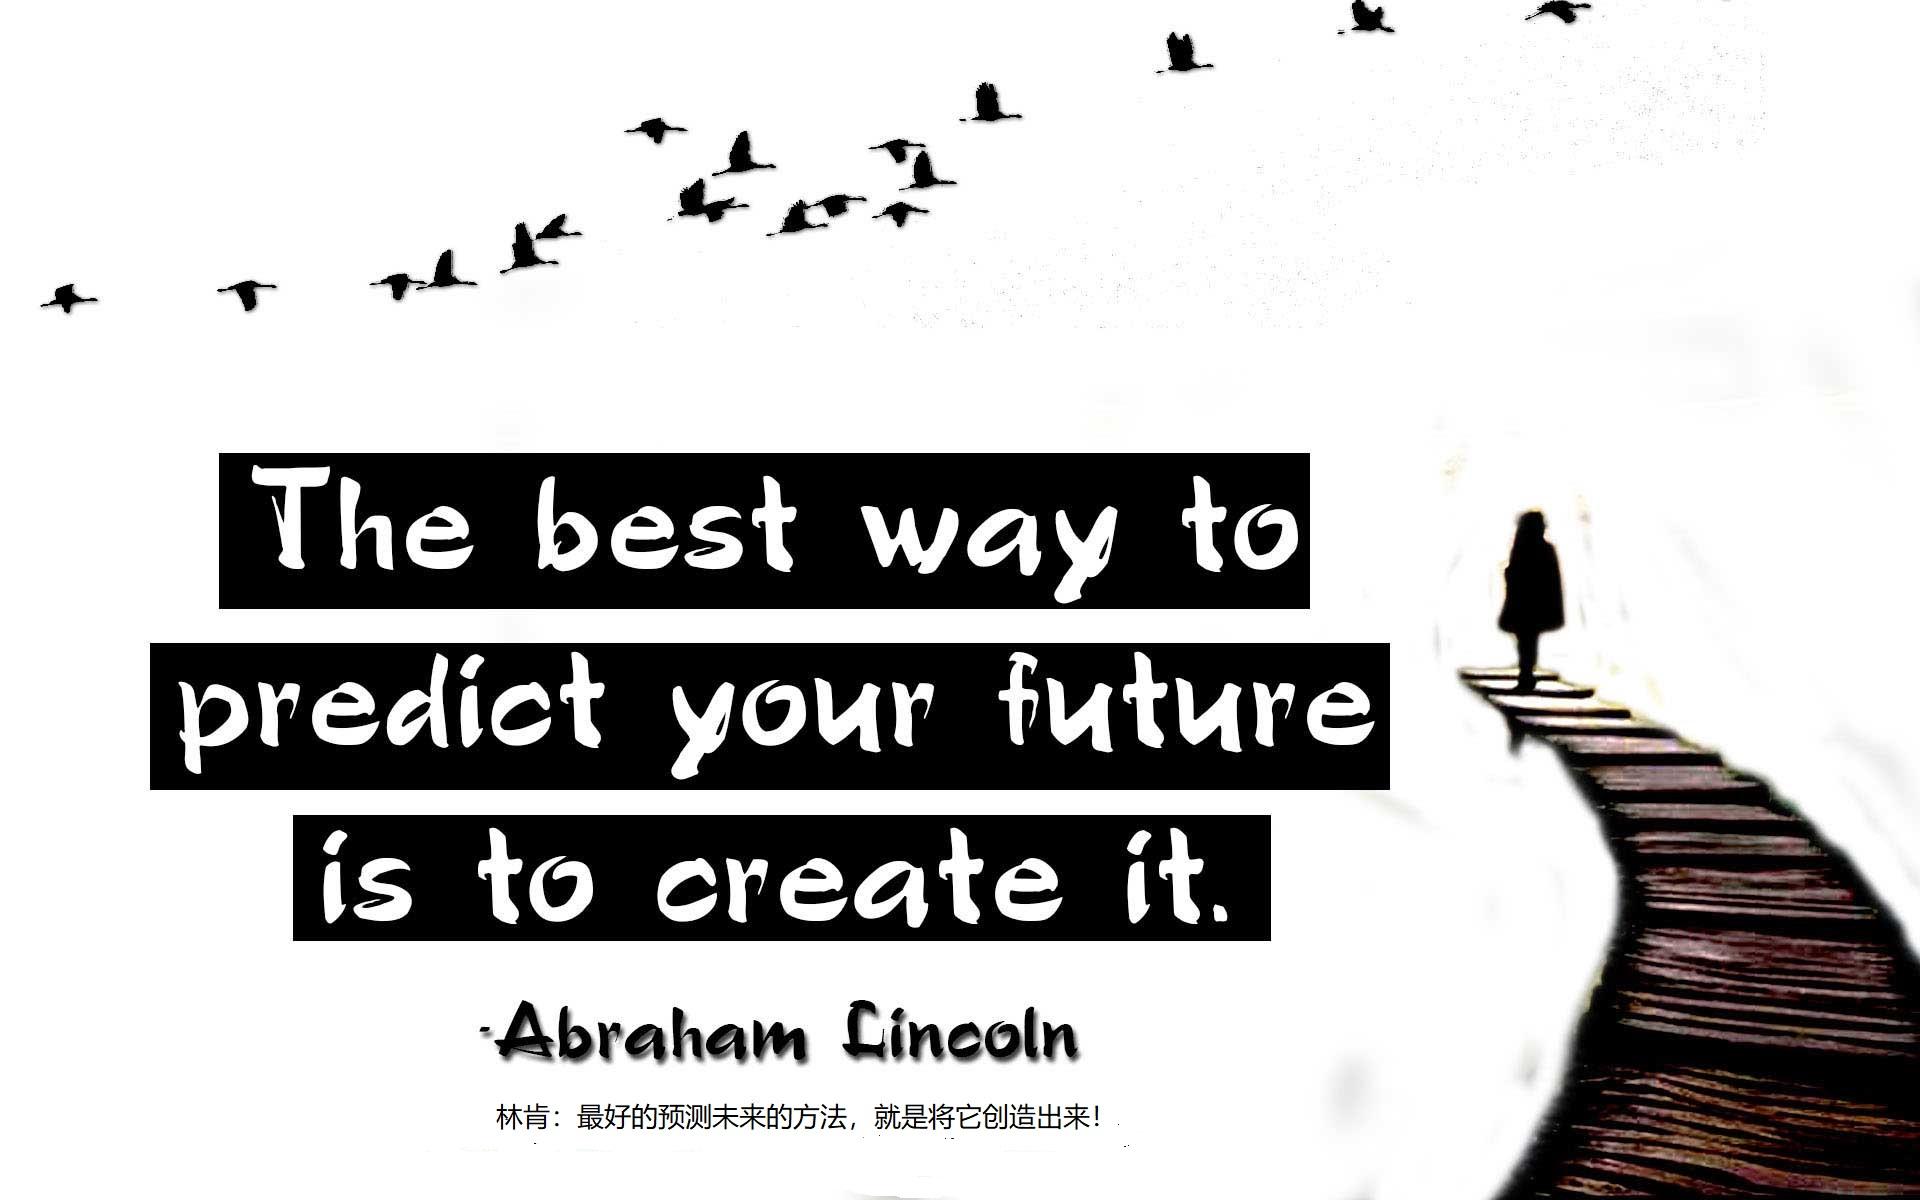 未来已来,企业必须自我进化